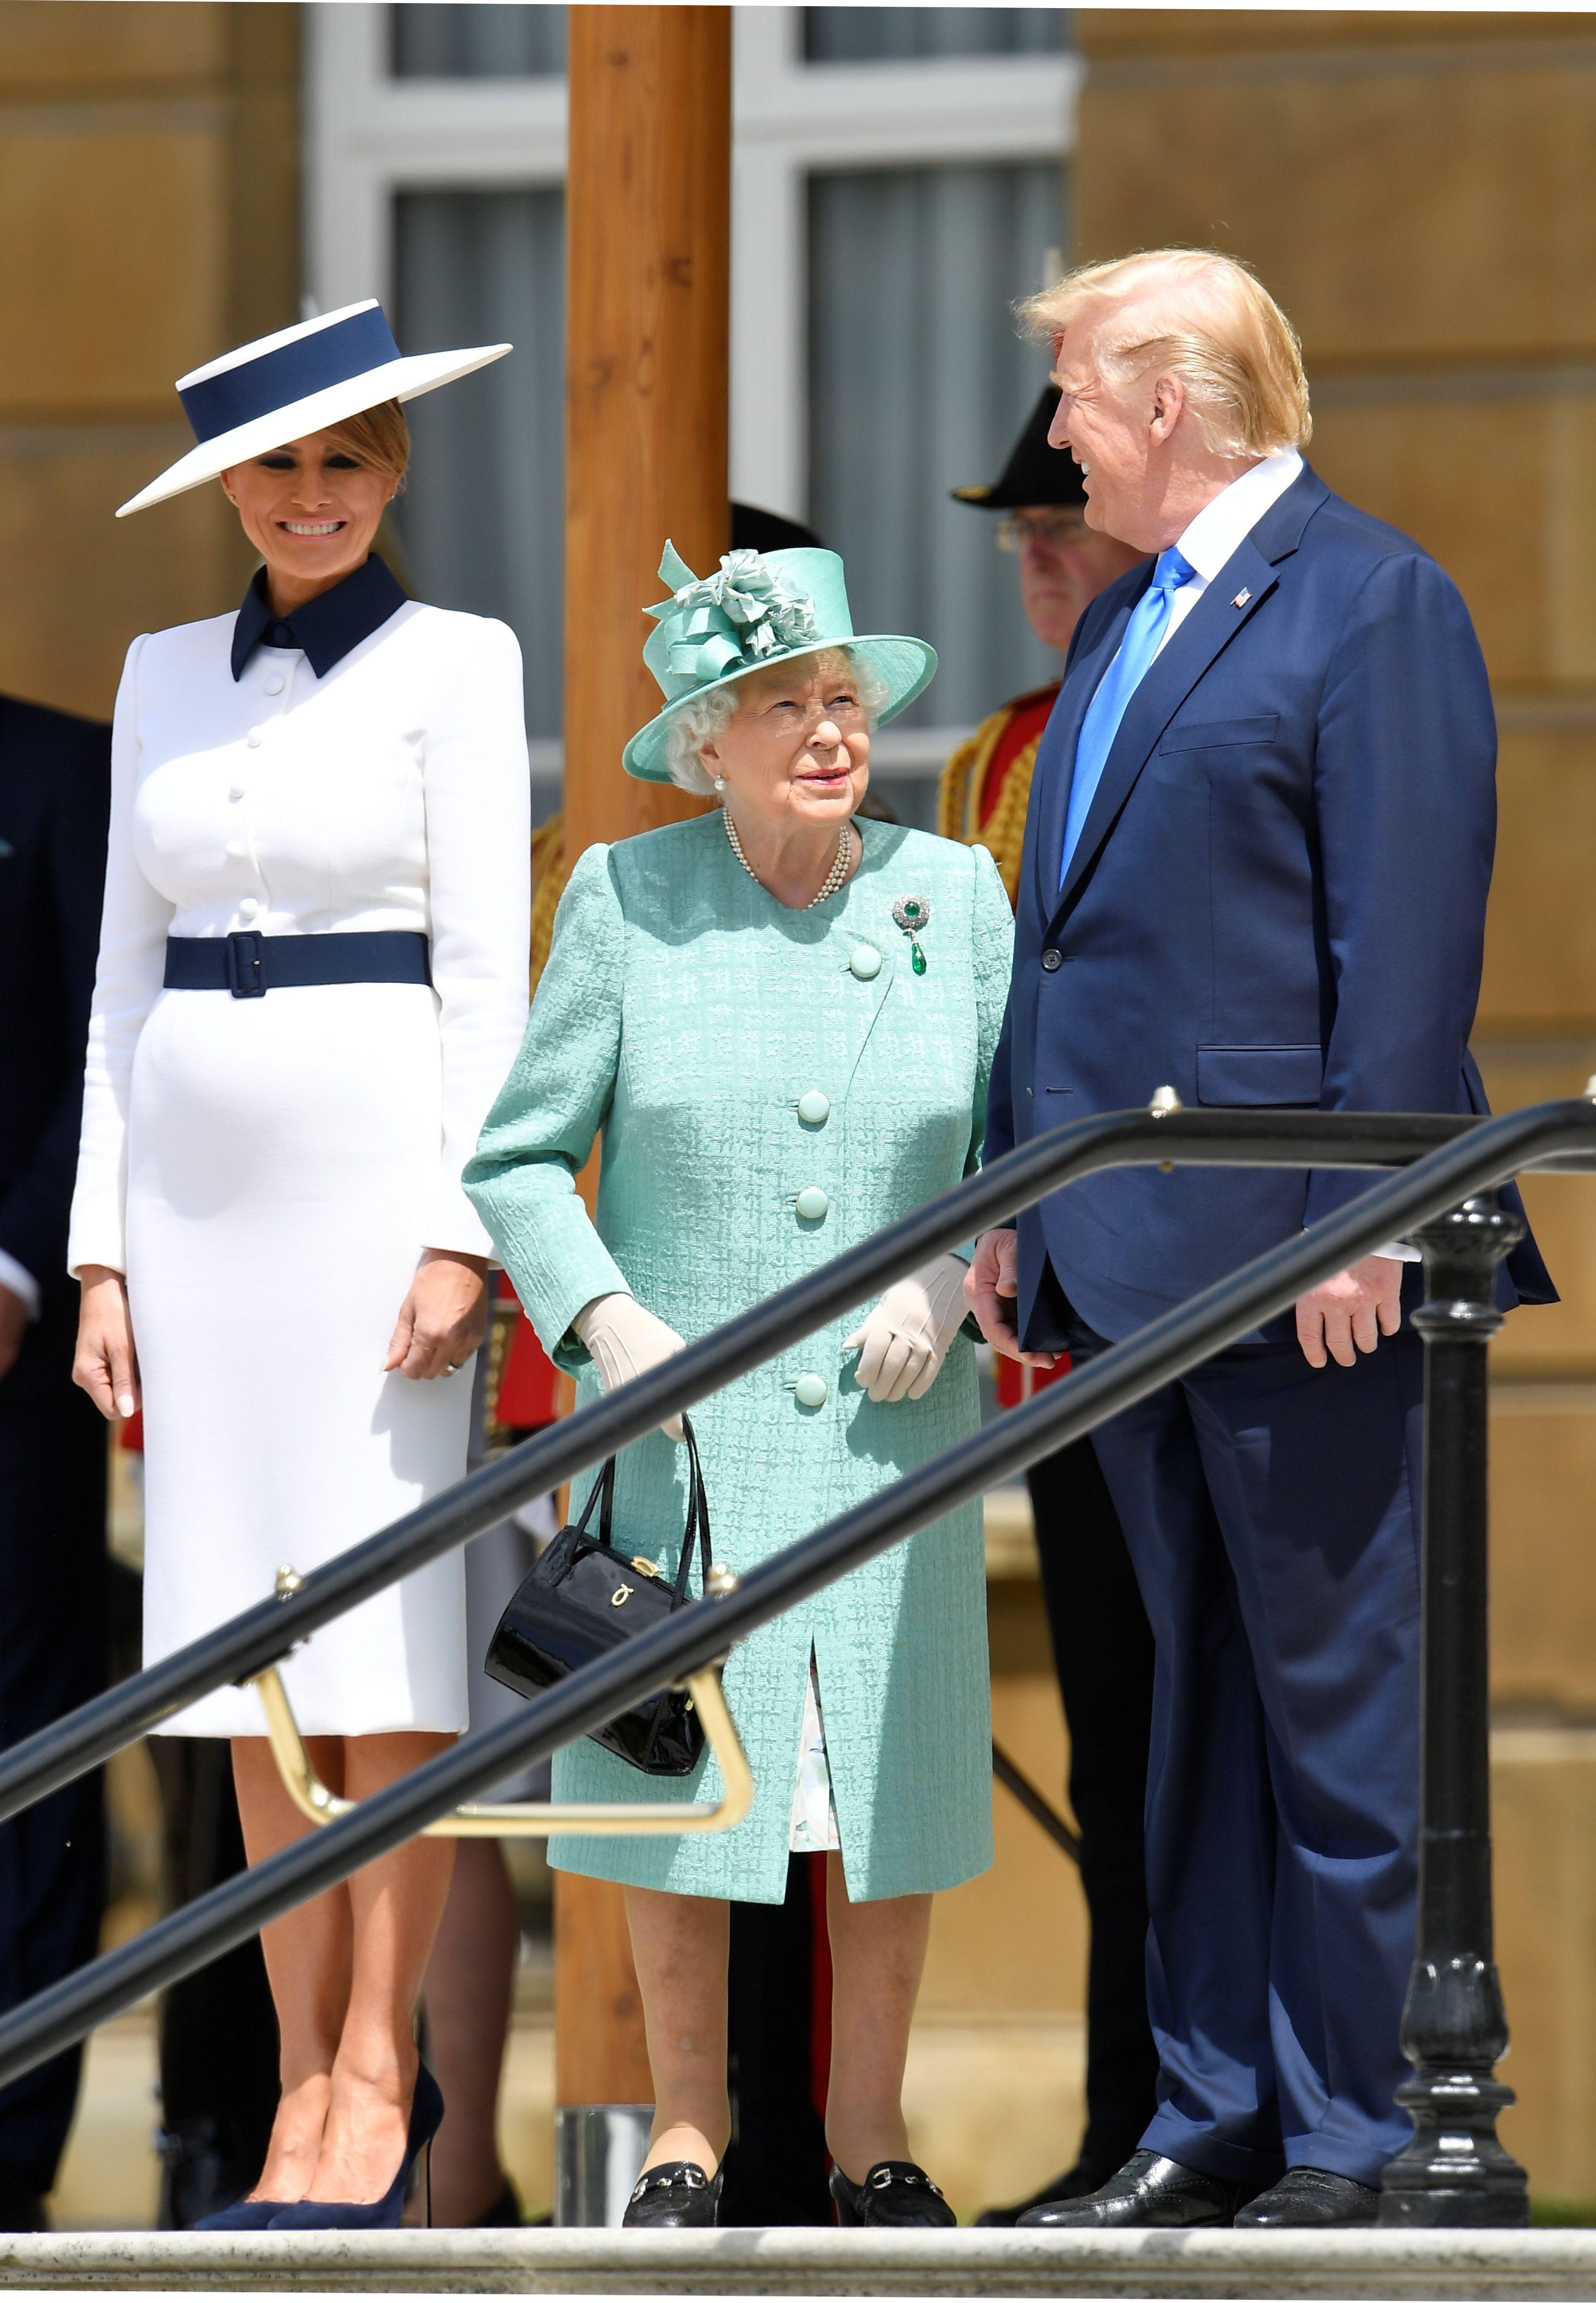 Fotografija Melanije Trump u bijelom kompletiću zbunila je sve!